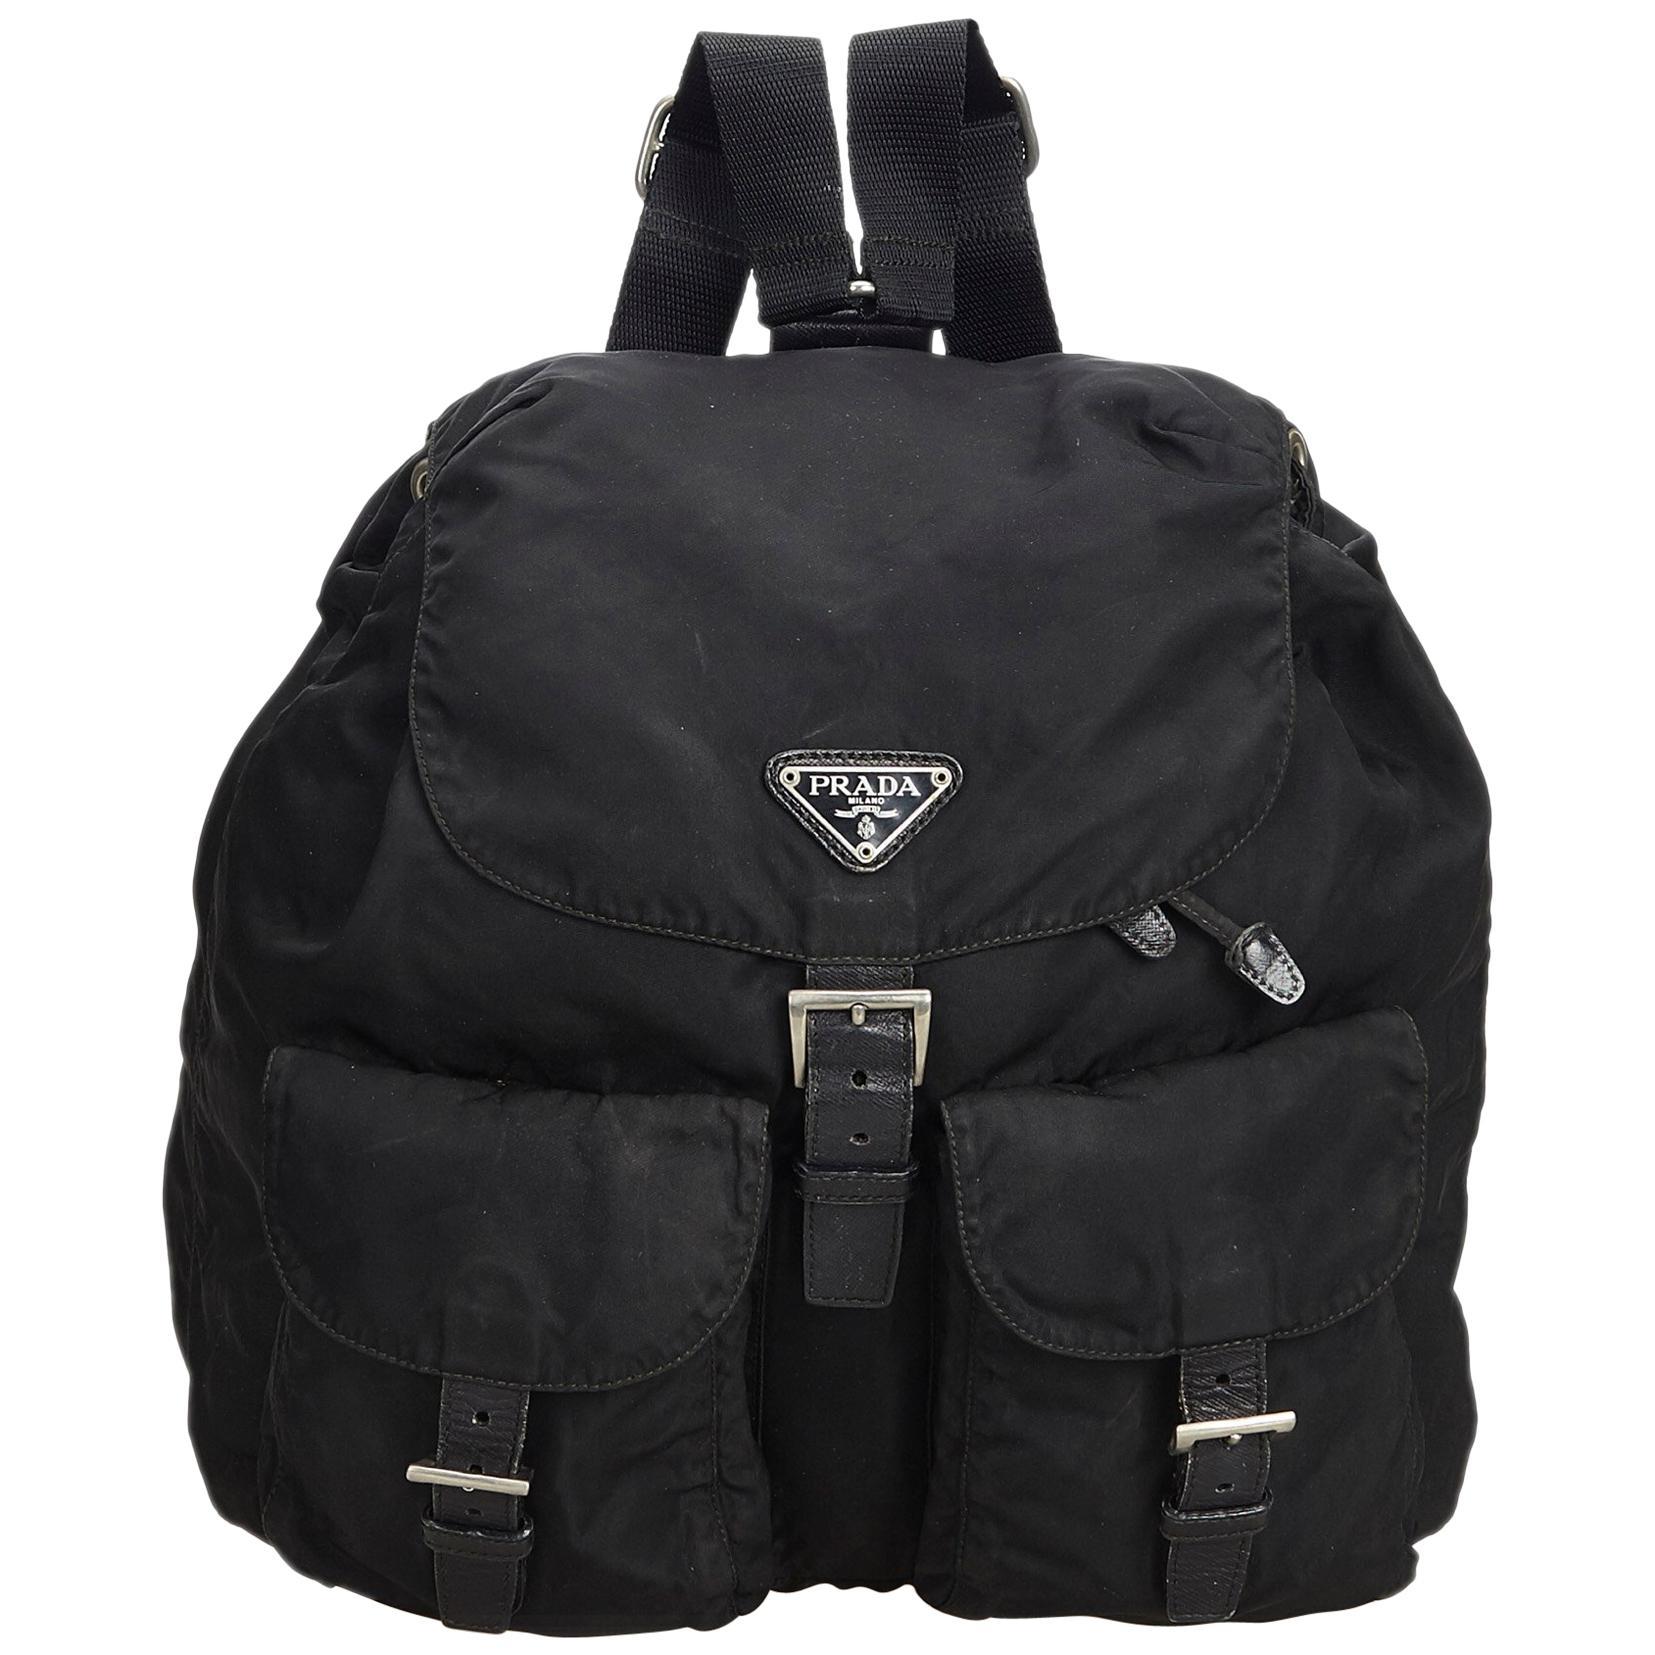 0a9d7e88821b Vintage Prada Handbags and Purses - 1